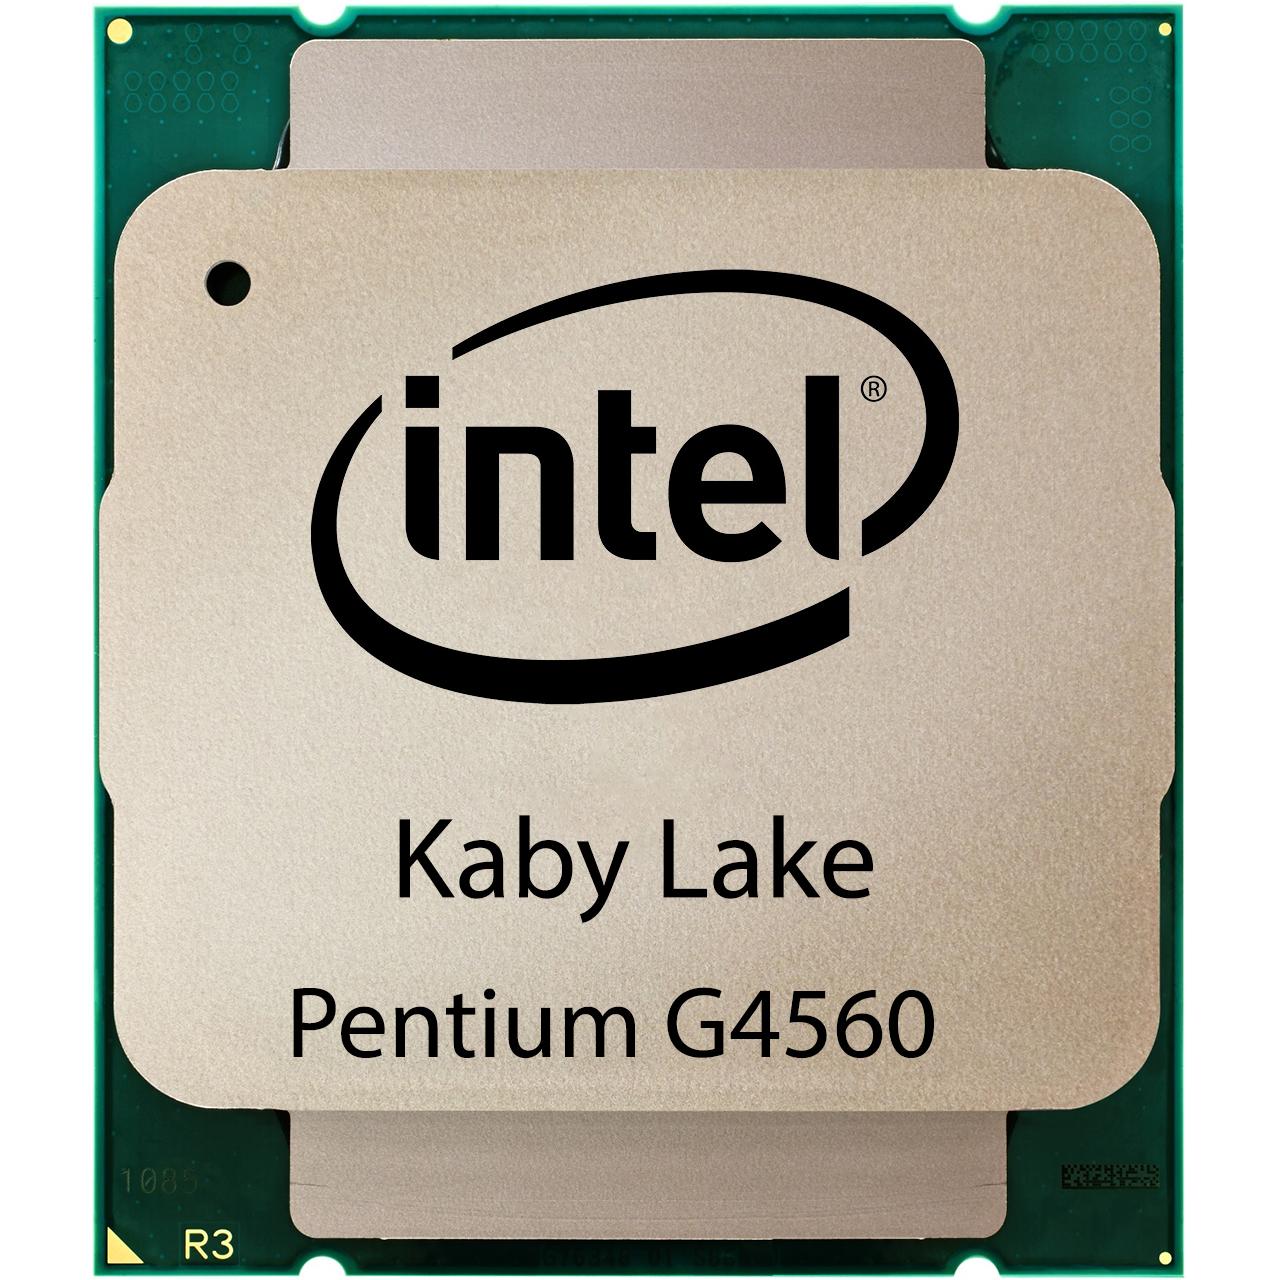 پردازنده مرکزی اینتل سری Kaby Lake مدل Pentium G4560 thumb